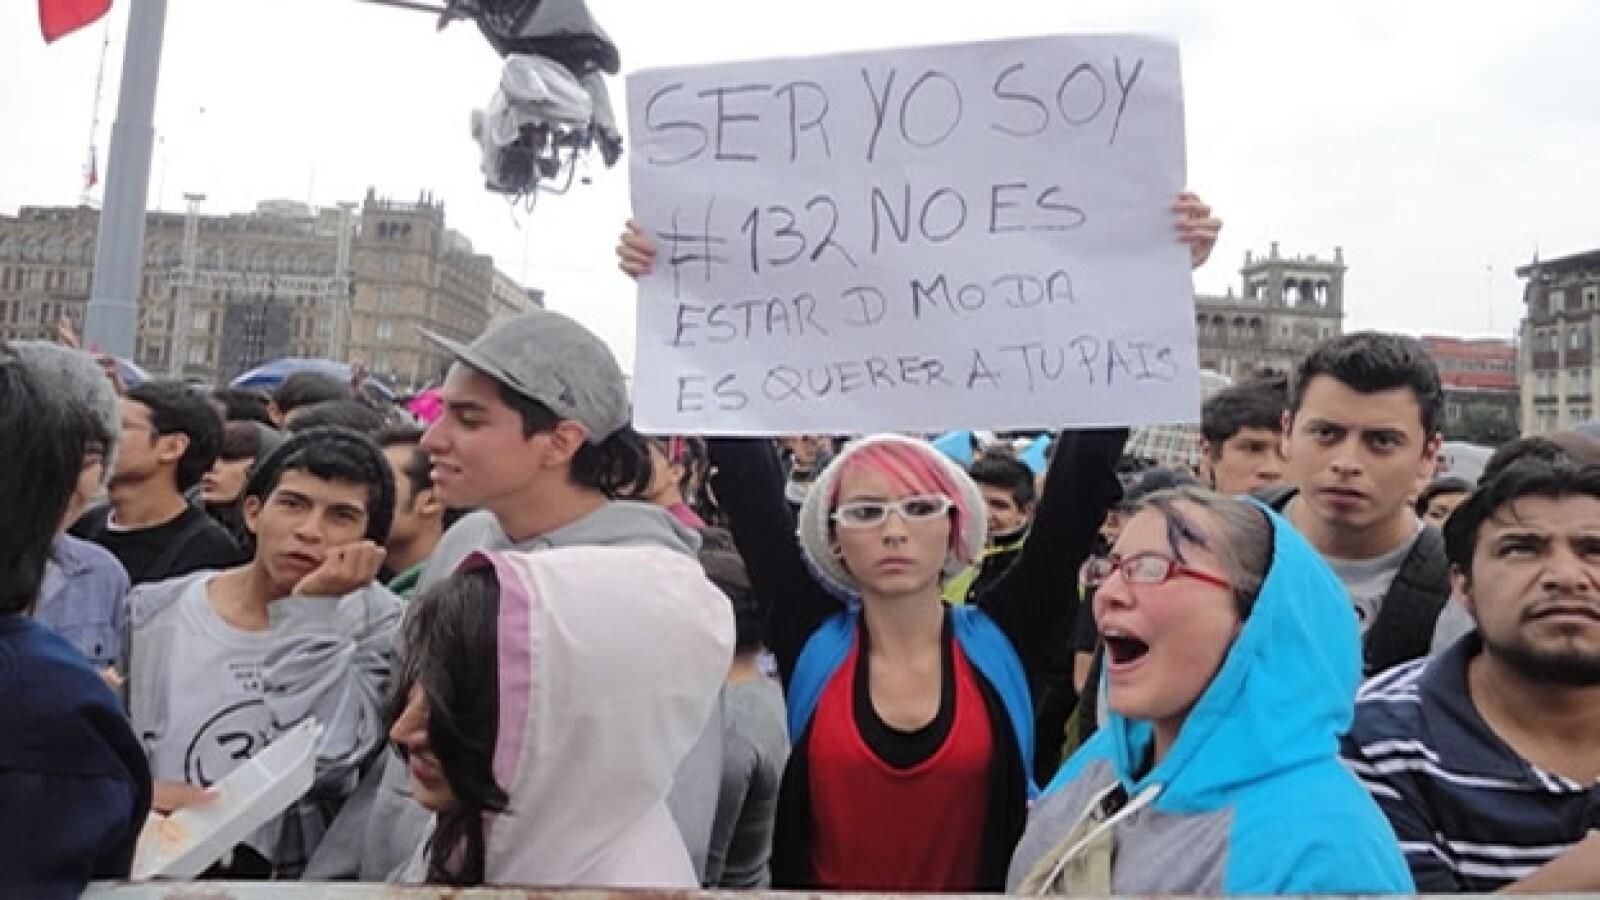 Artistas apoyan al movimiento Yosoy132